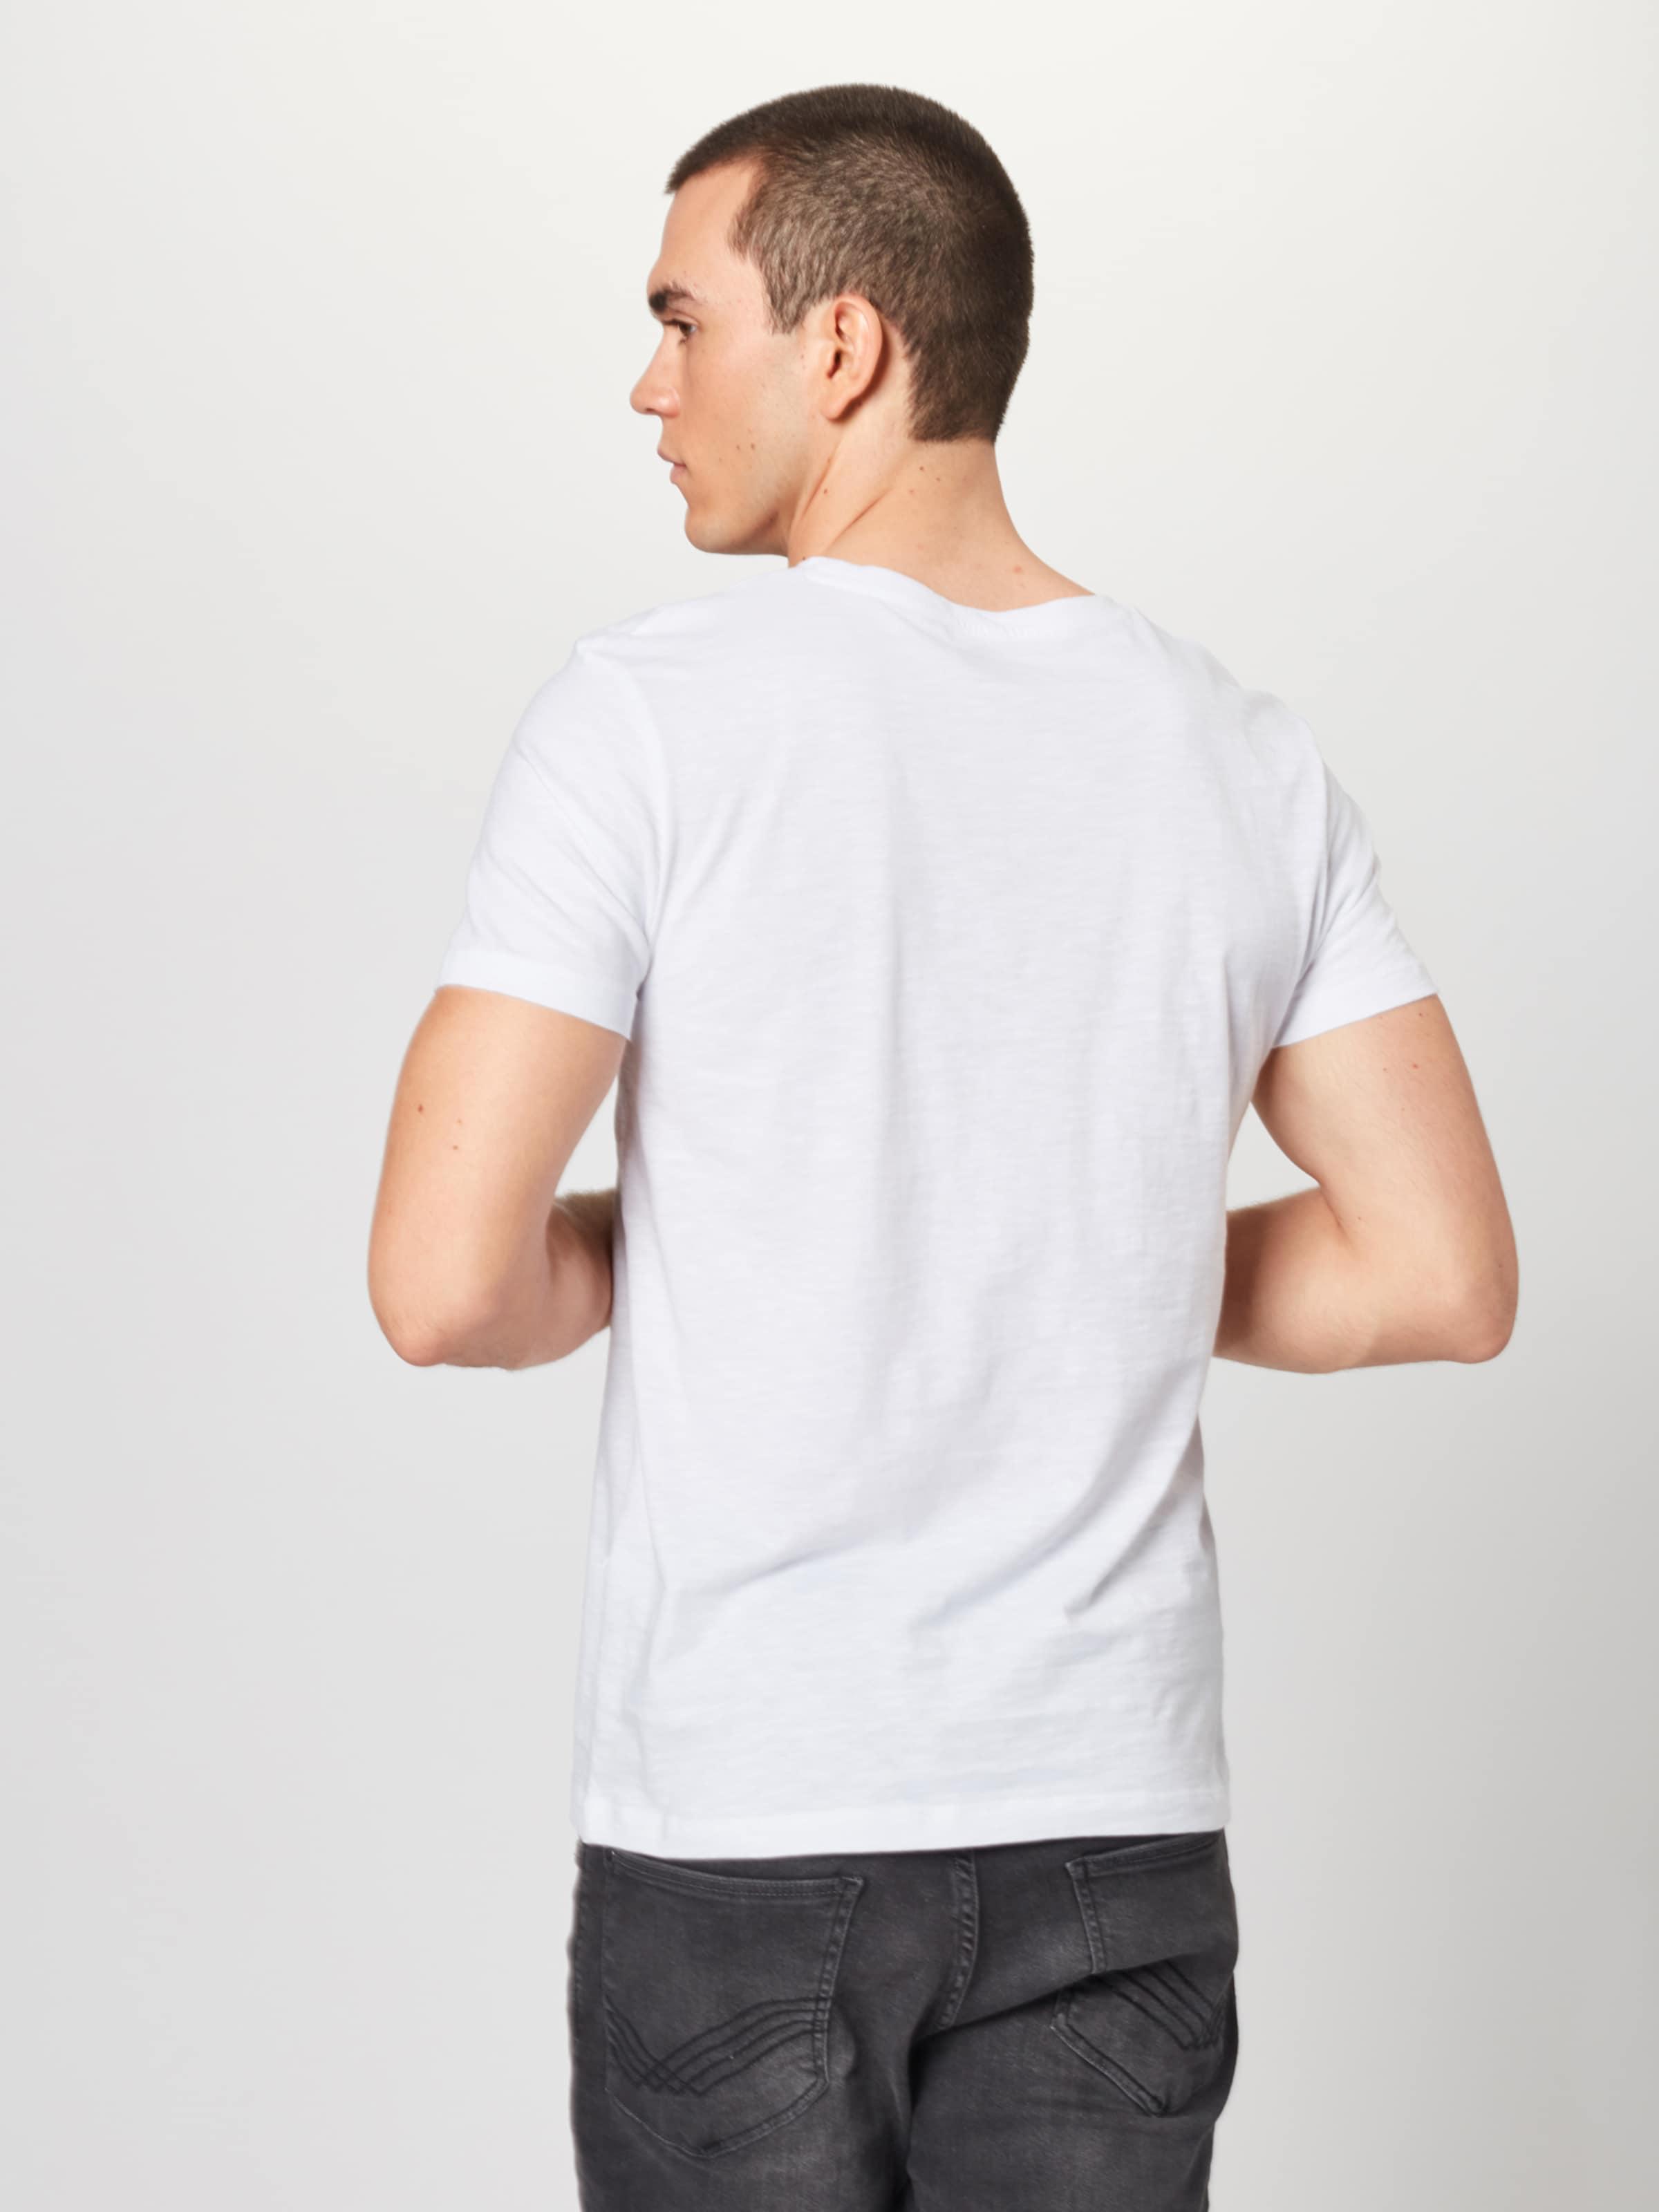 T Denim shirt Mélange Tom En De Tailor CouleursBlanc VpzMLSqUG